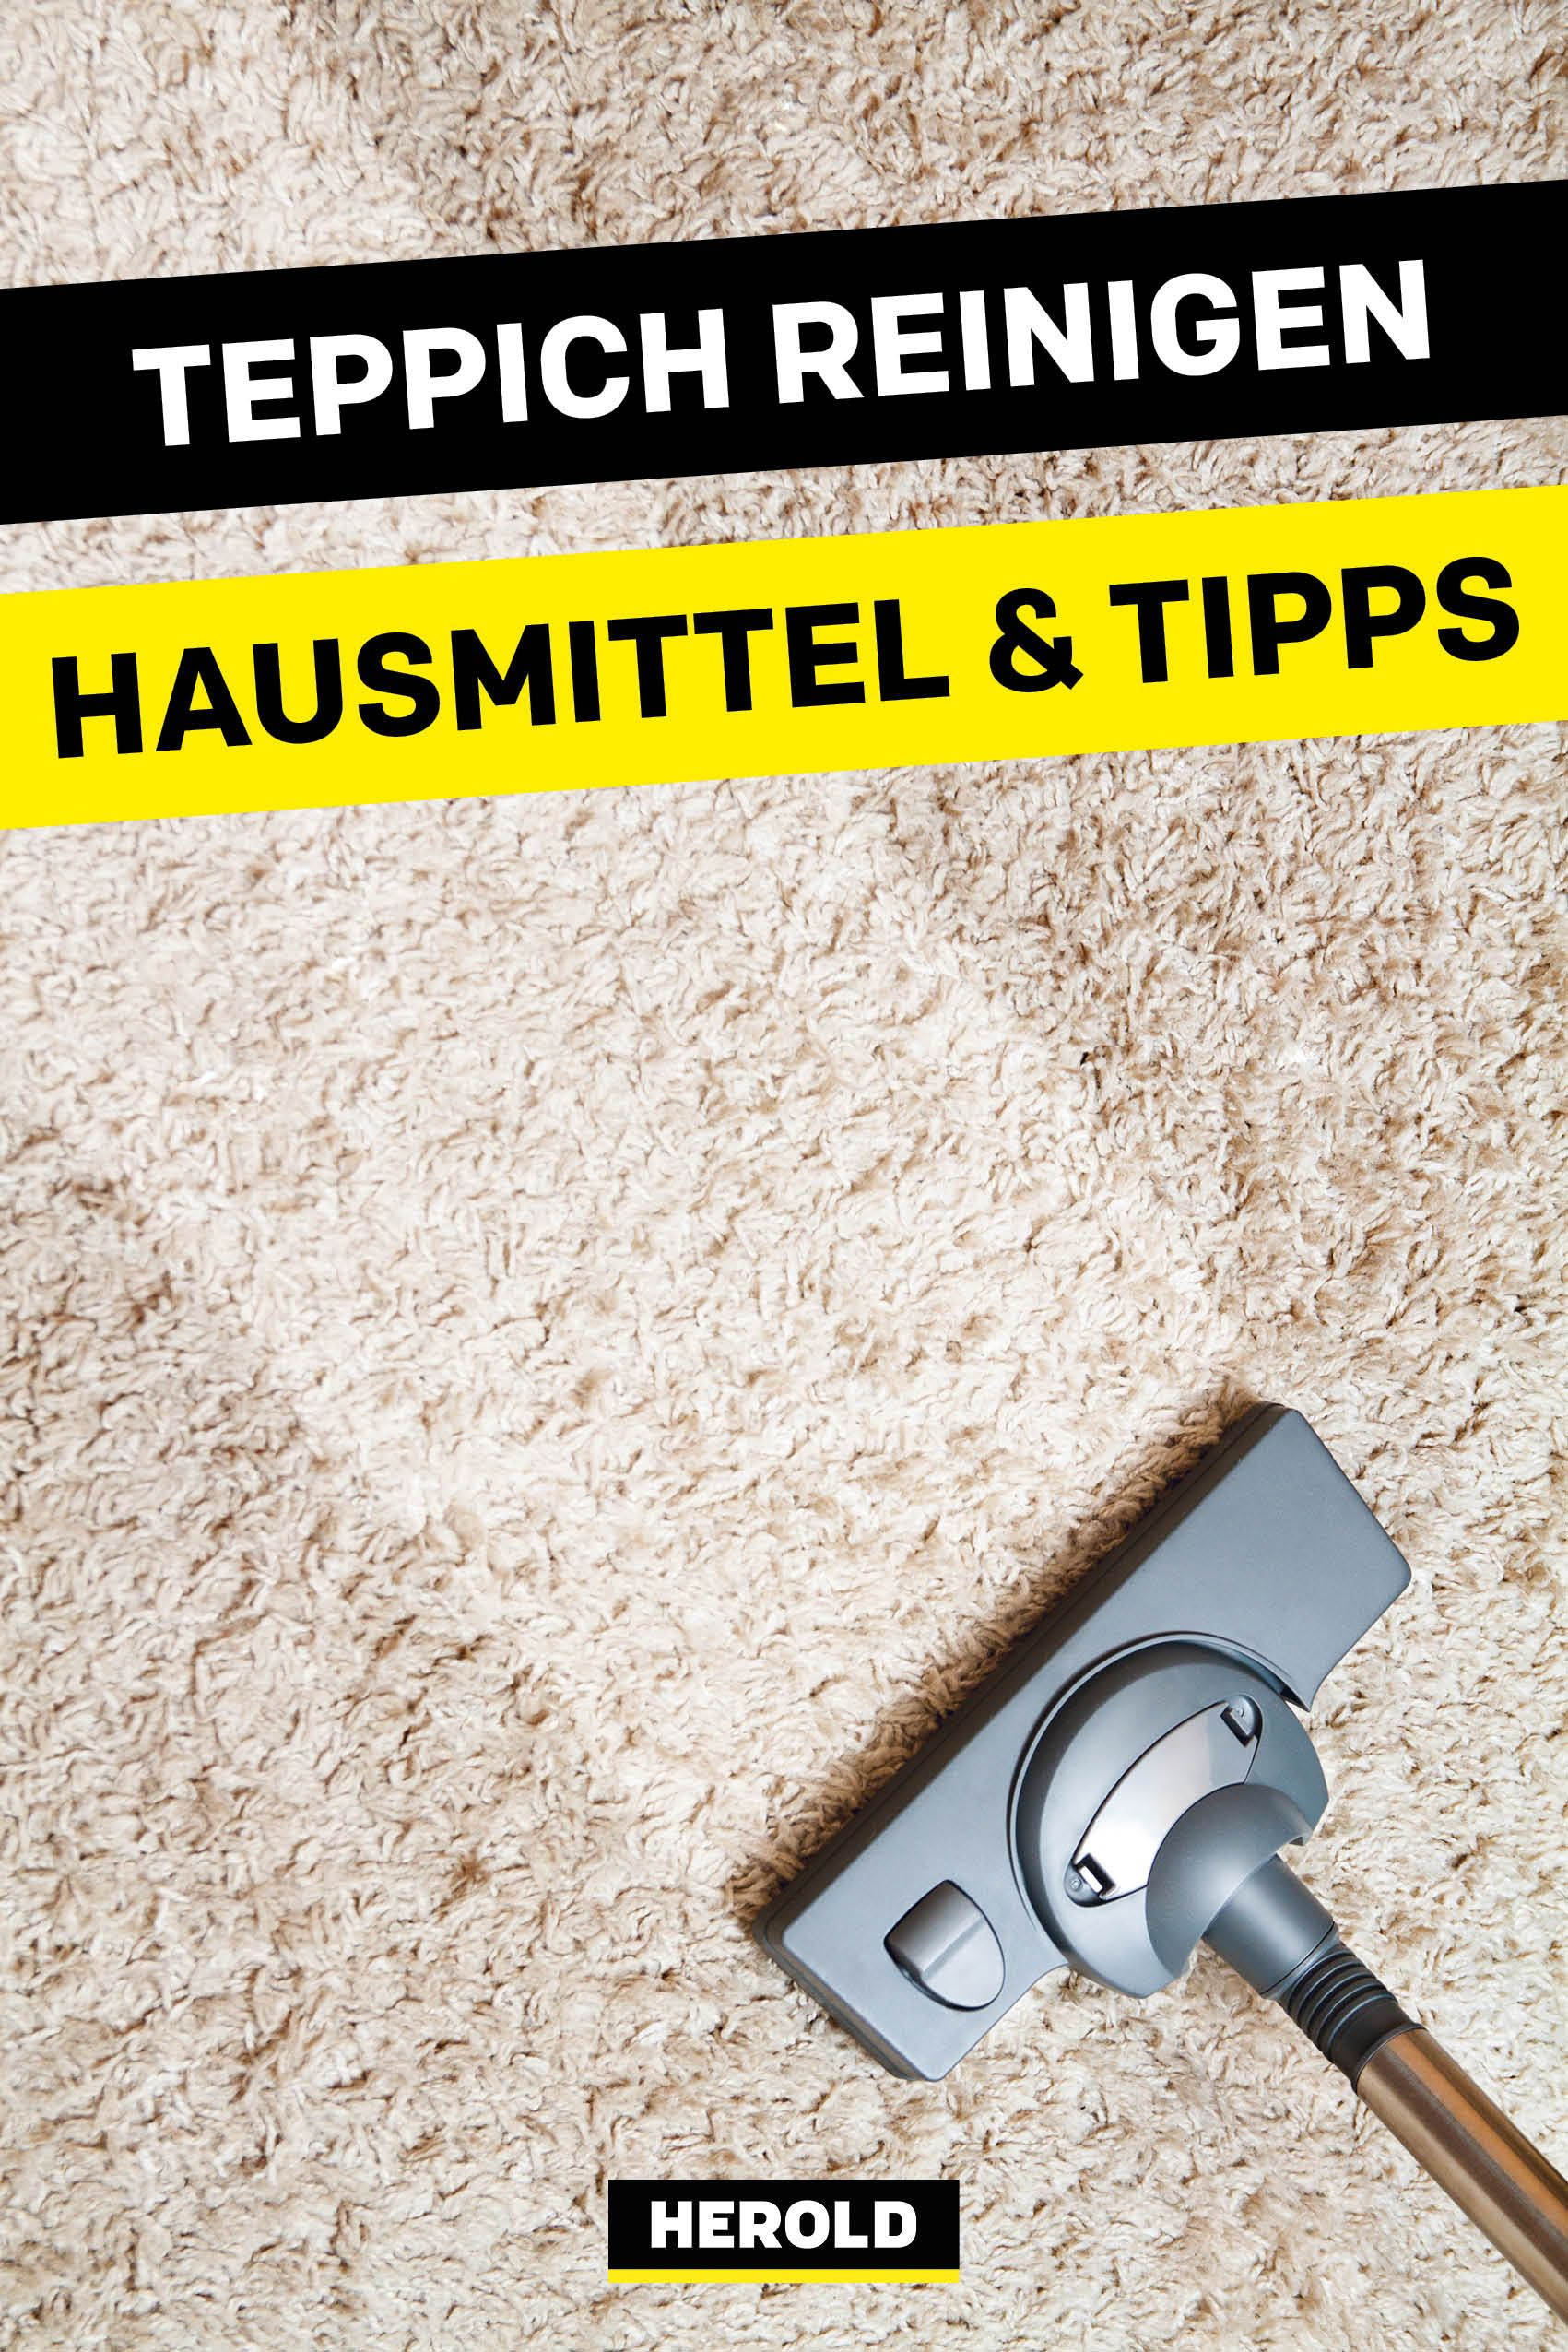 Teppich Reinigen Hausmittel Tipps Teppich Reinigen Teppichboden Reinigen Reinigen